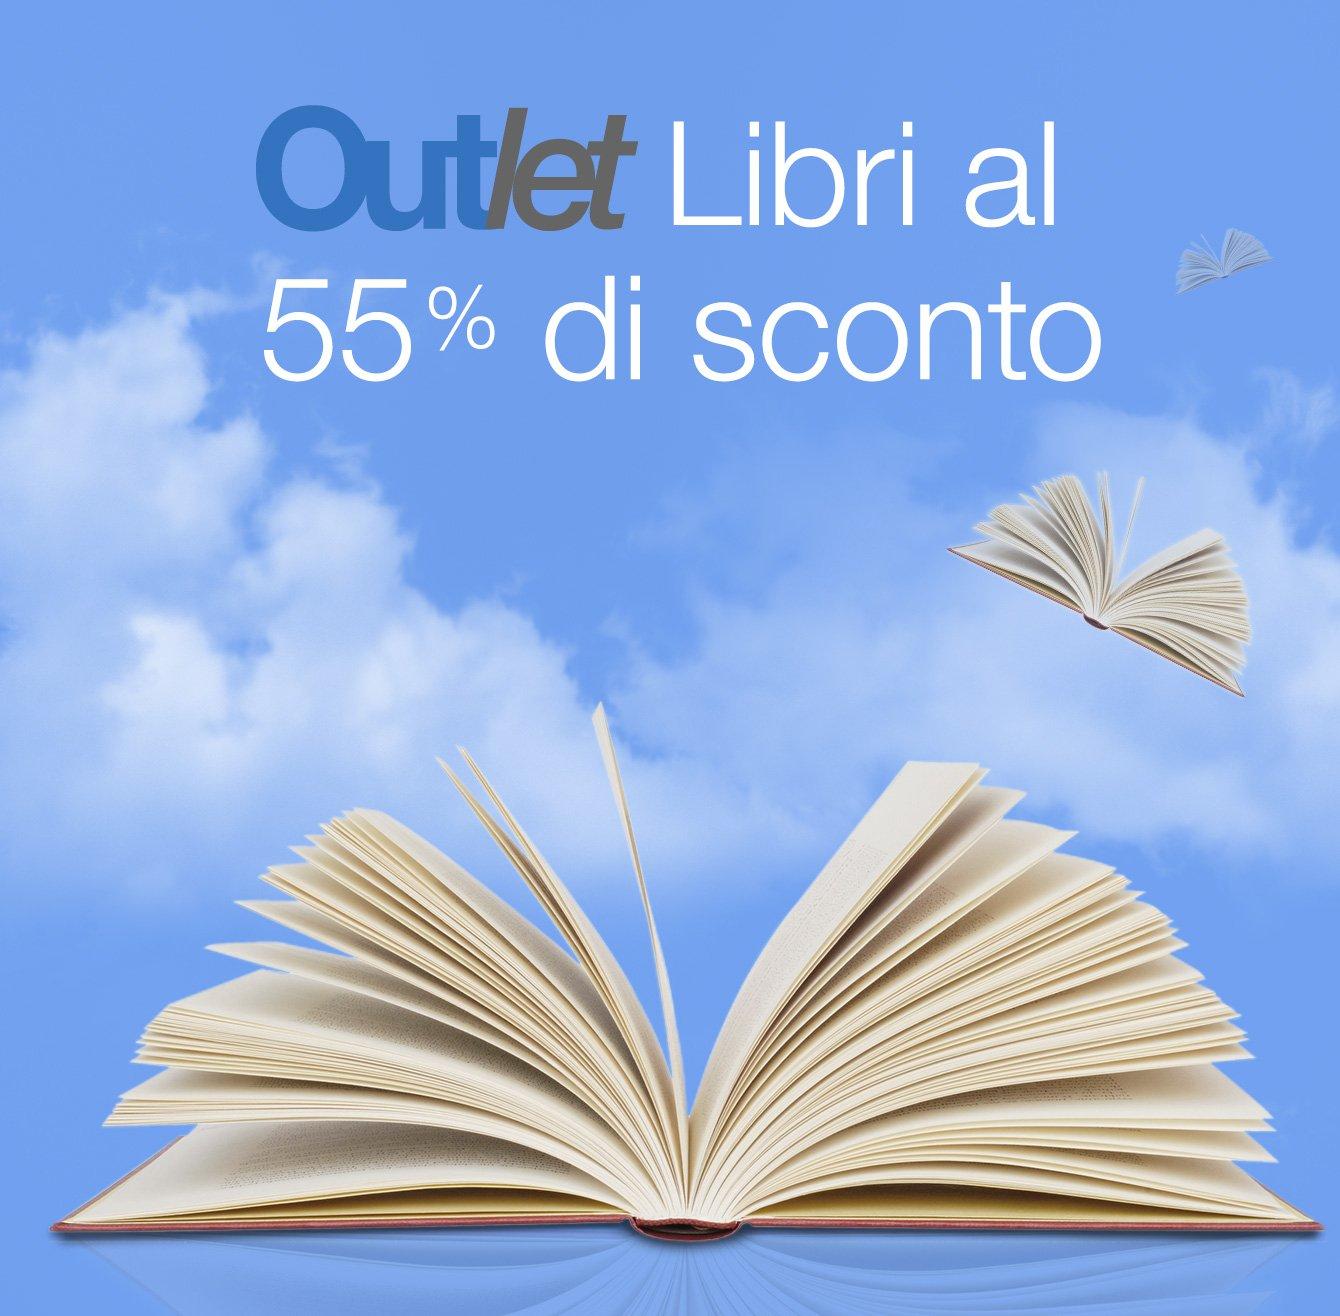 Outlet Libri al 55% di sconto